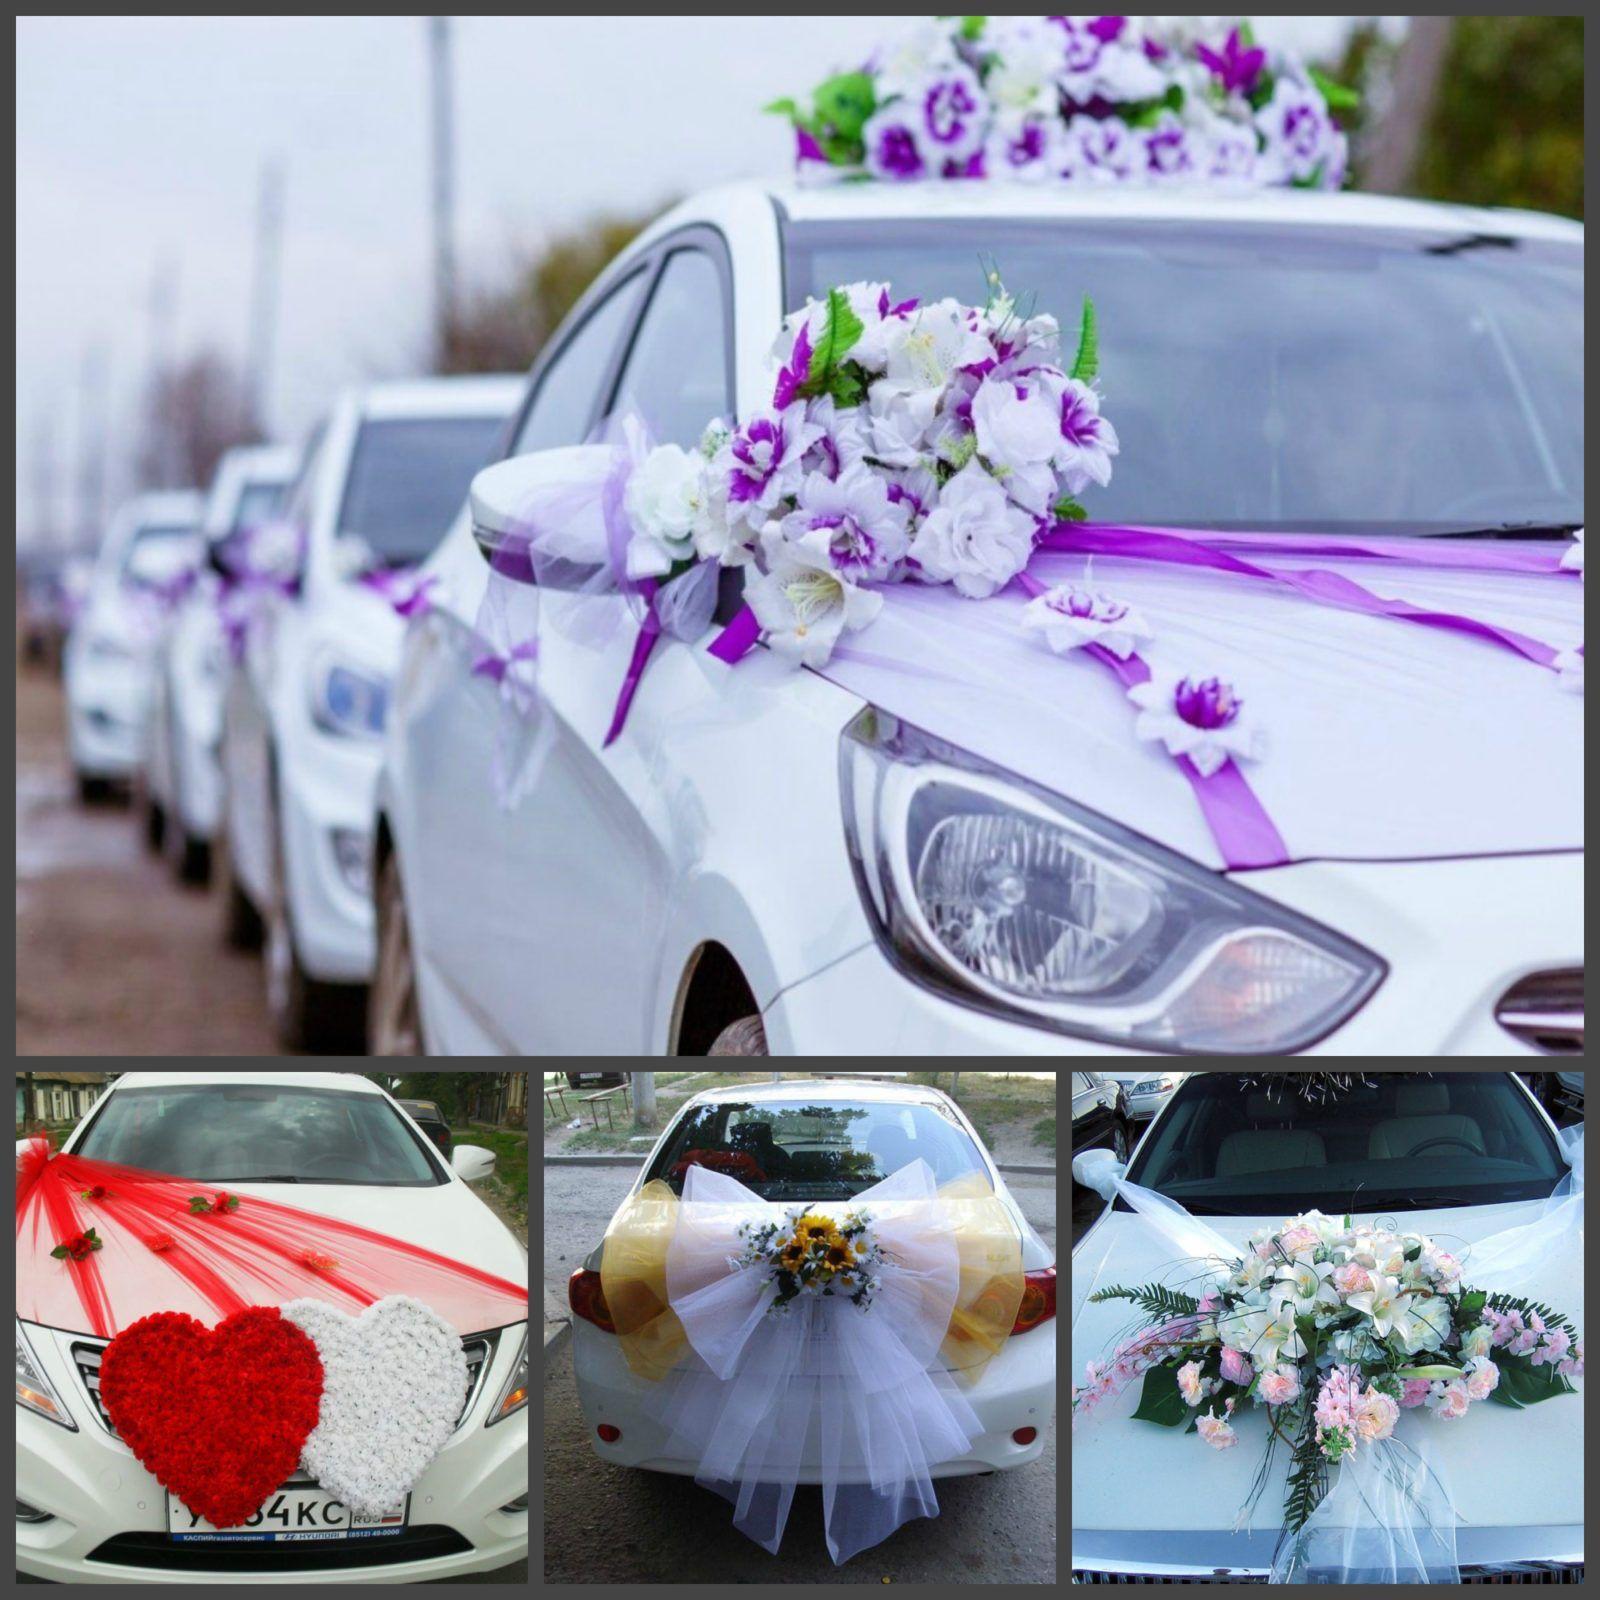 Как делать украшения на машину на свадьбу своими руками 50